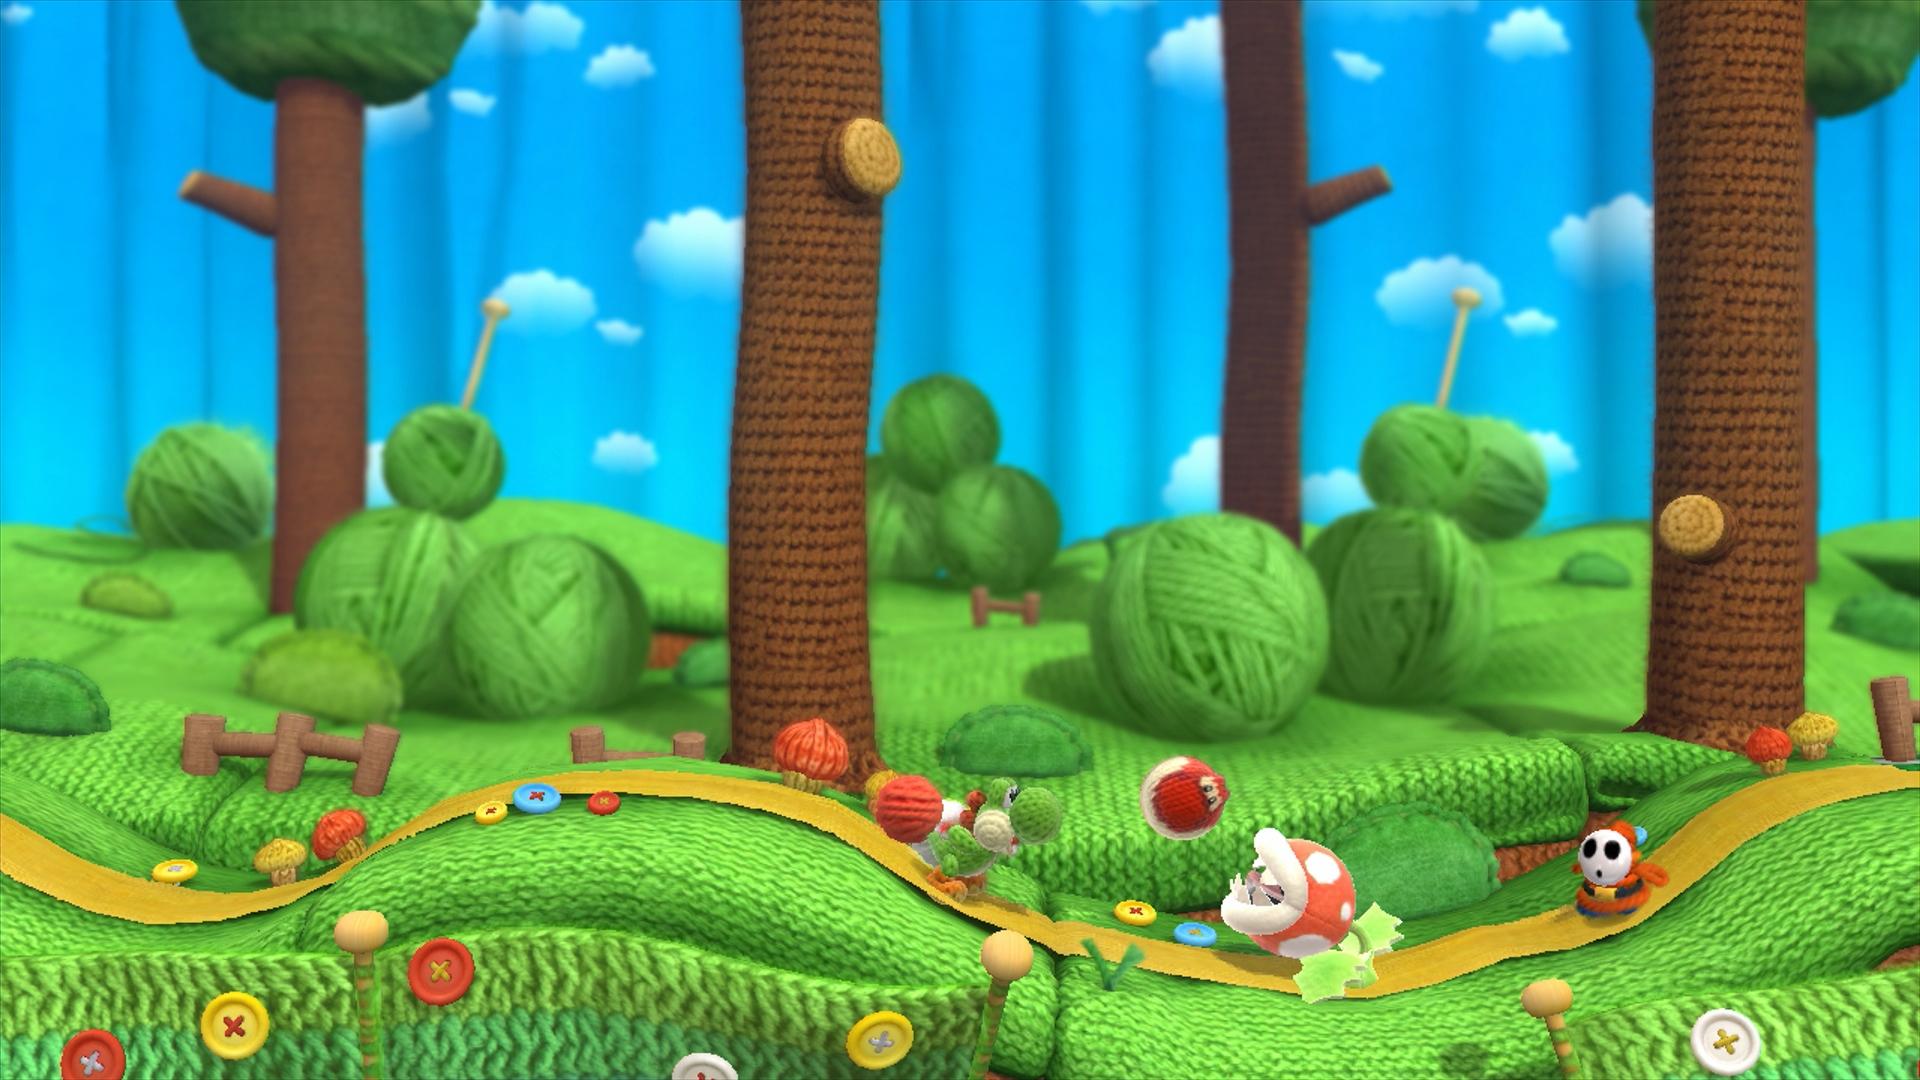 画像集 010 ヨッシー ウールワールド Wii U 4gamer Net